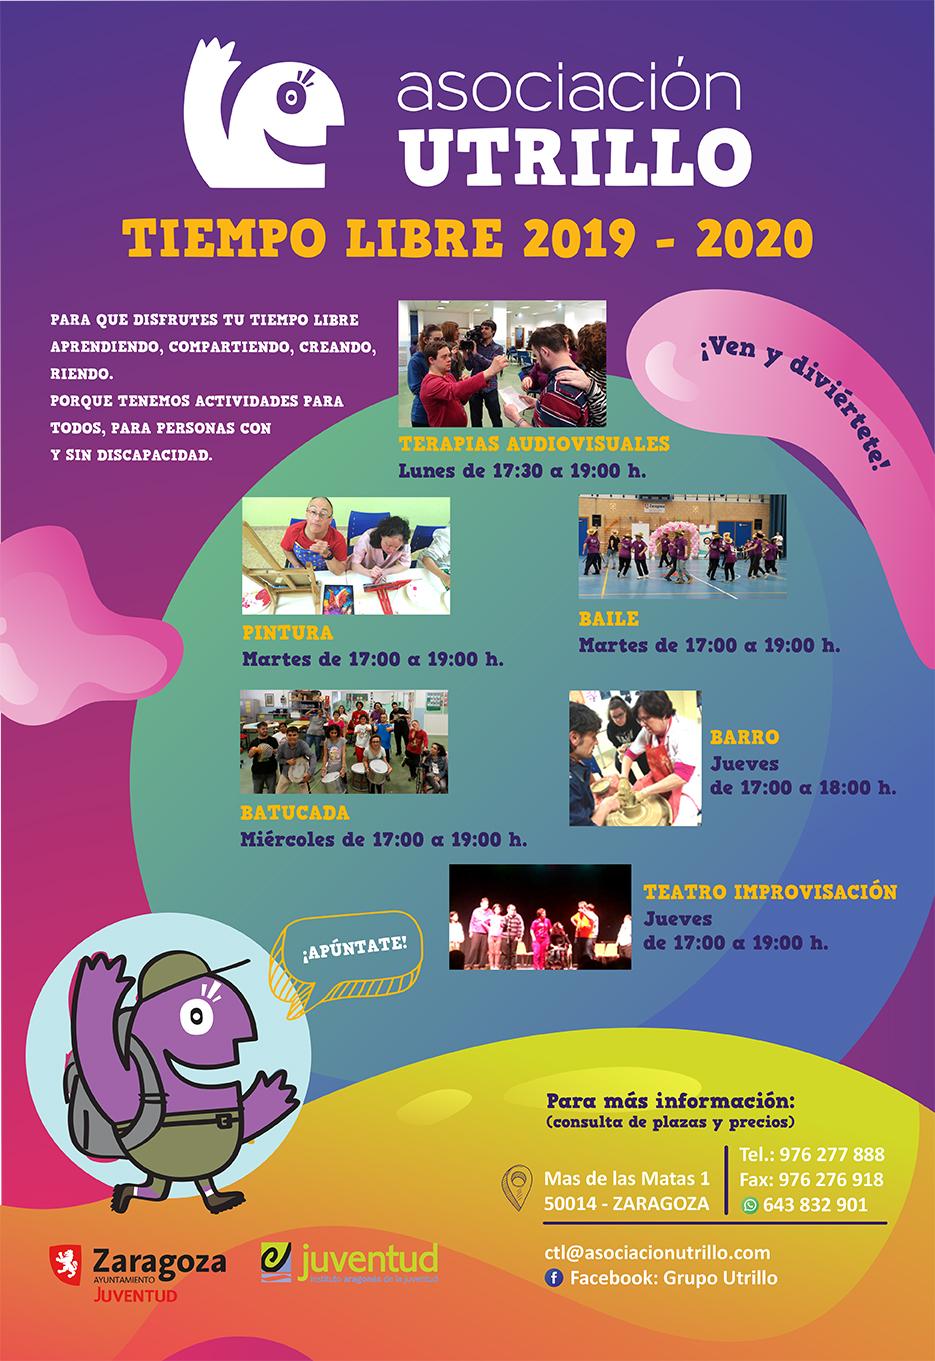 Tiempo Libre 2018-2019 - utrillo